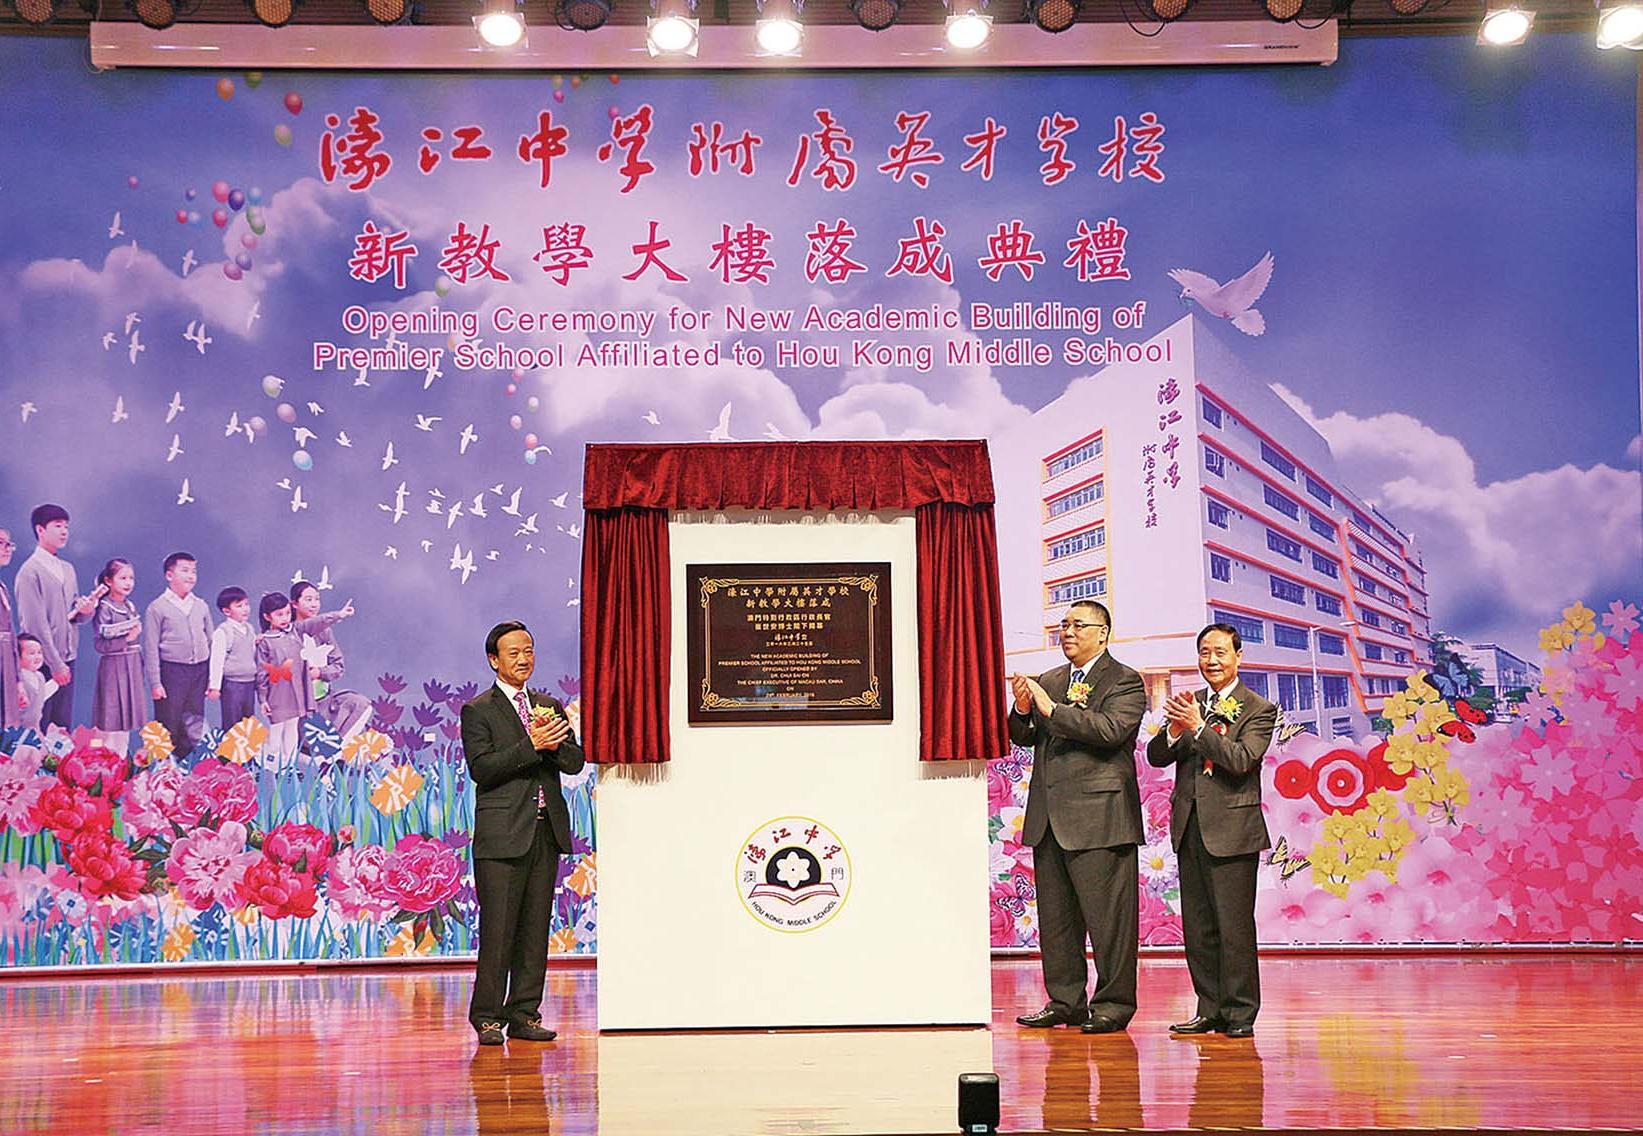 譚俊榮重申全力推進藍天工程